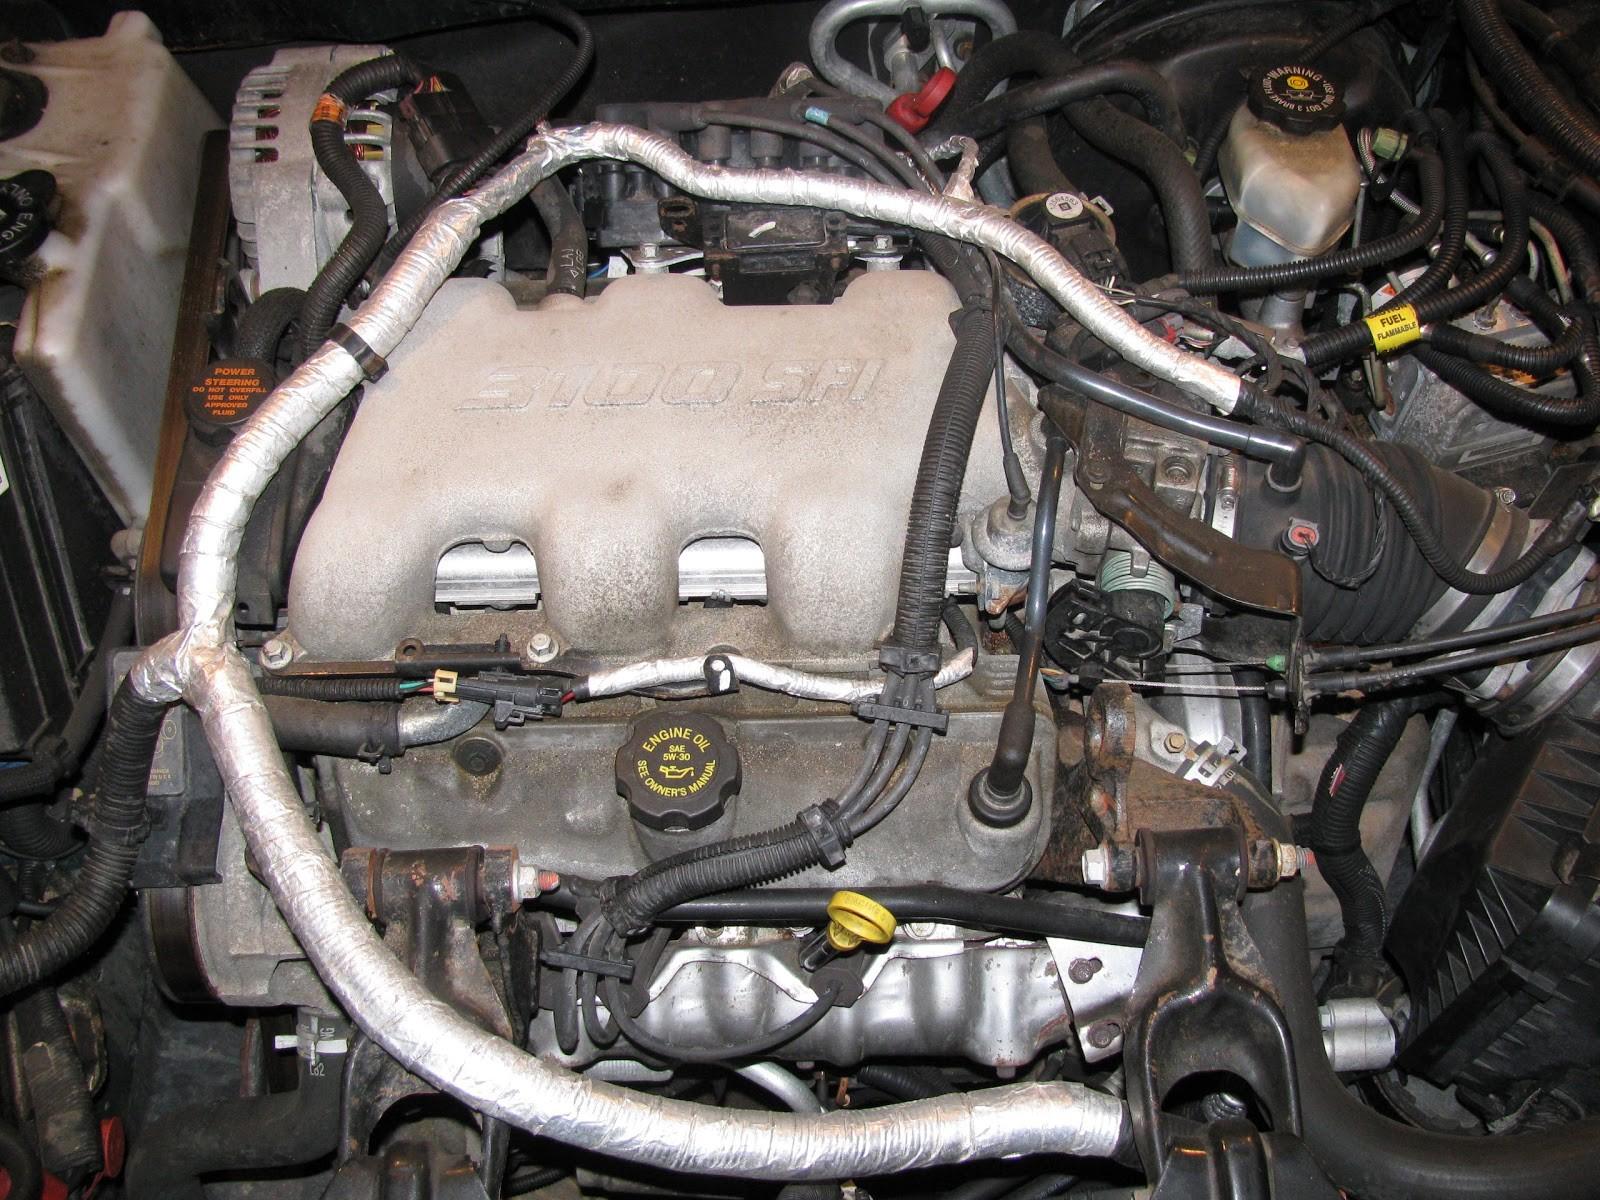 2001 Pontiac Grand Am Se Engine Diagram the original Mechanic 3 1l Engine Gm Replacing Intake Manifold